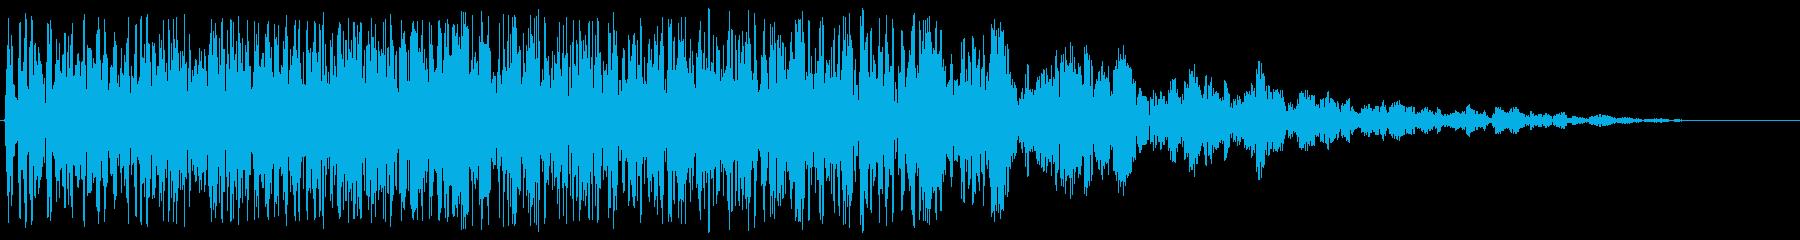 ブーン(プロペラ付き飛行物体の通過音)の再生済みの波形